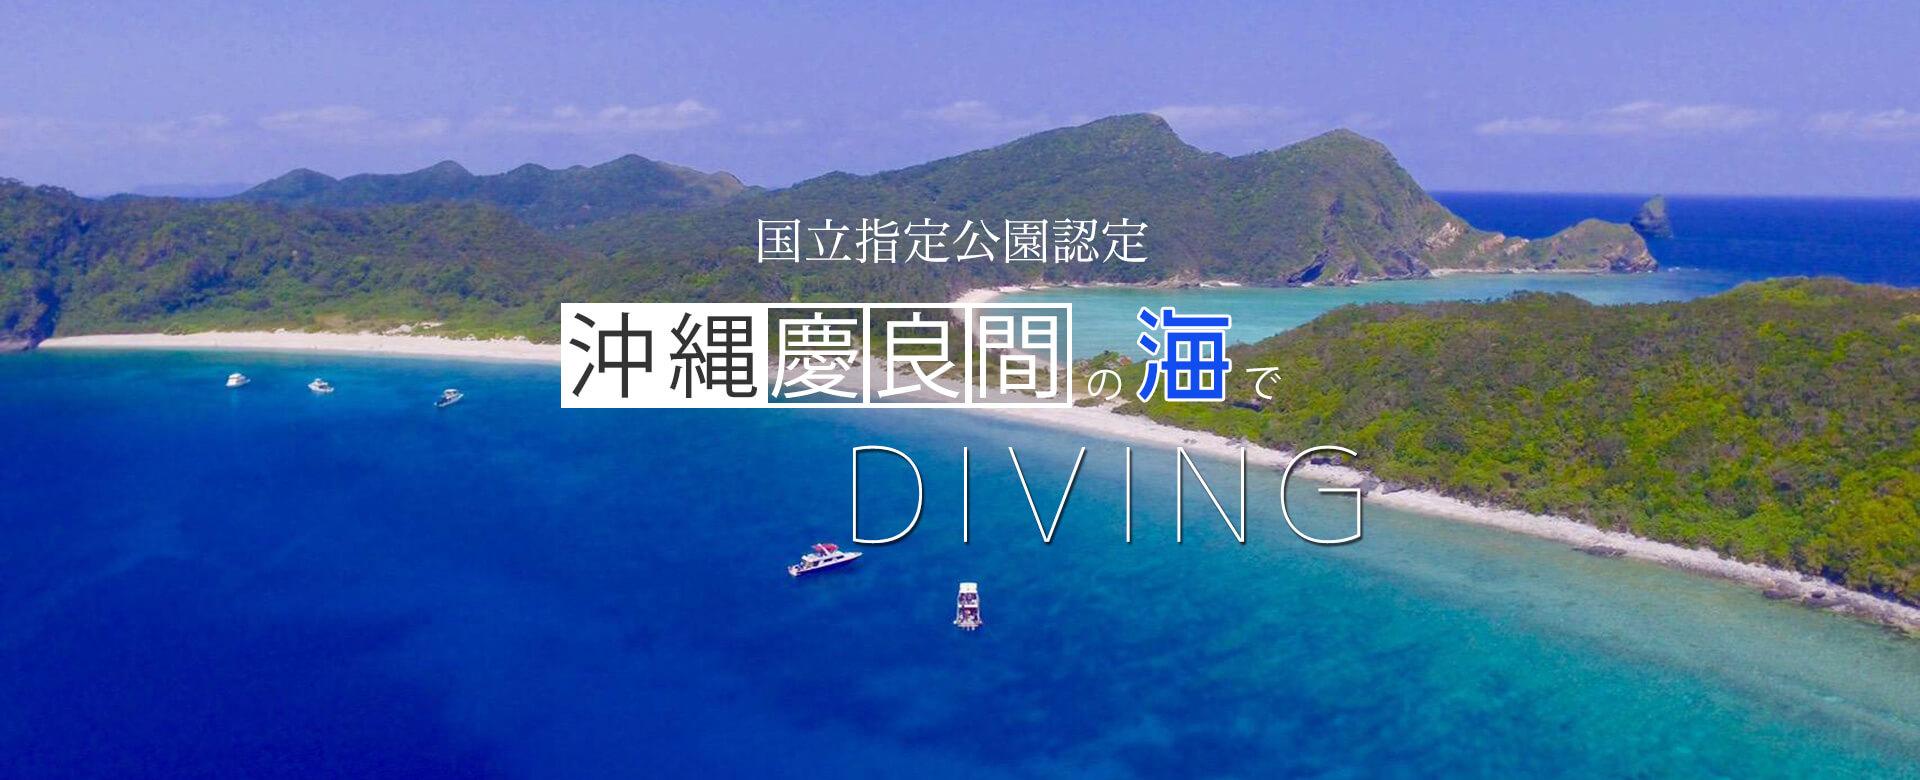 国立公園認定 沖縄慶良間の海でダイビング